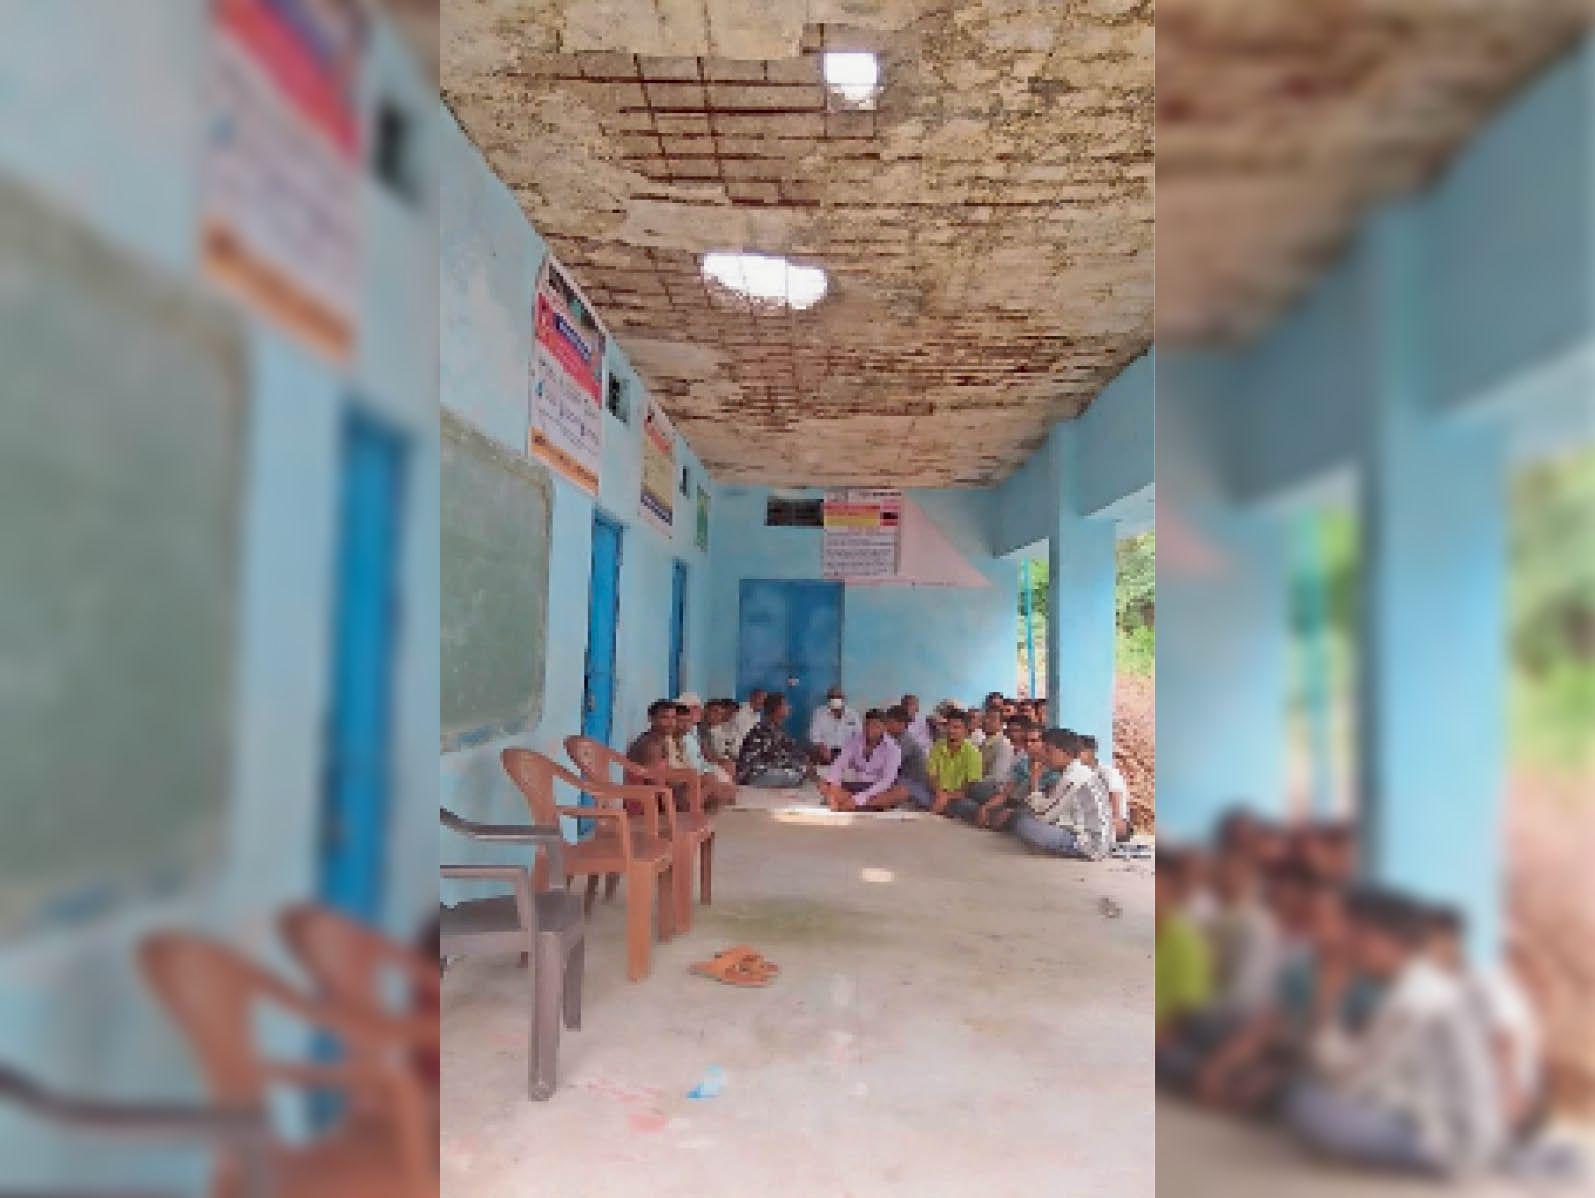 स्कूल की छत के सरिए निकले, दो छेद भी गिरने के डर से लोग बच्चों को नहीं भेजते पढ़ने बांसवाड़ा,Banswara - Dainik Bhaskar